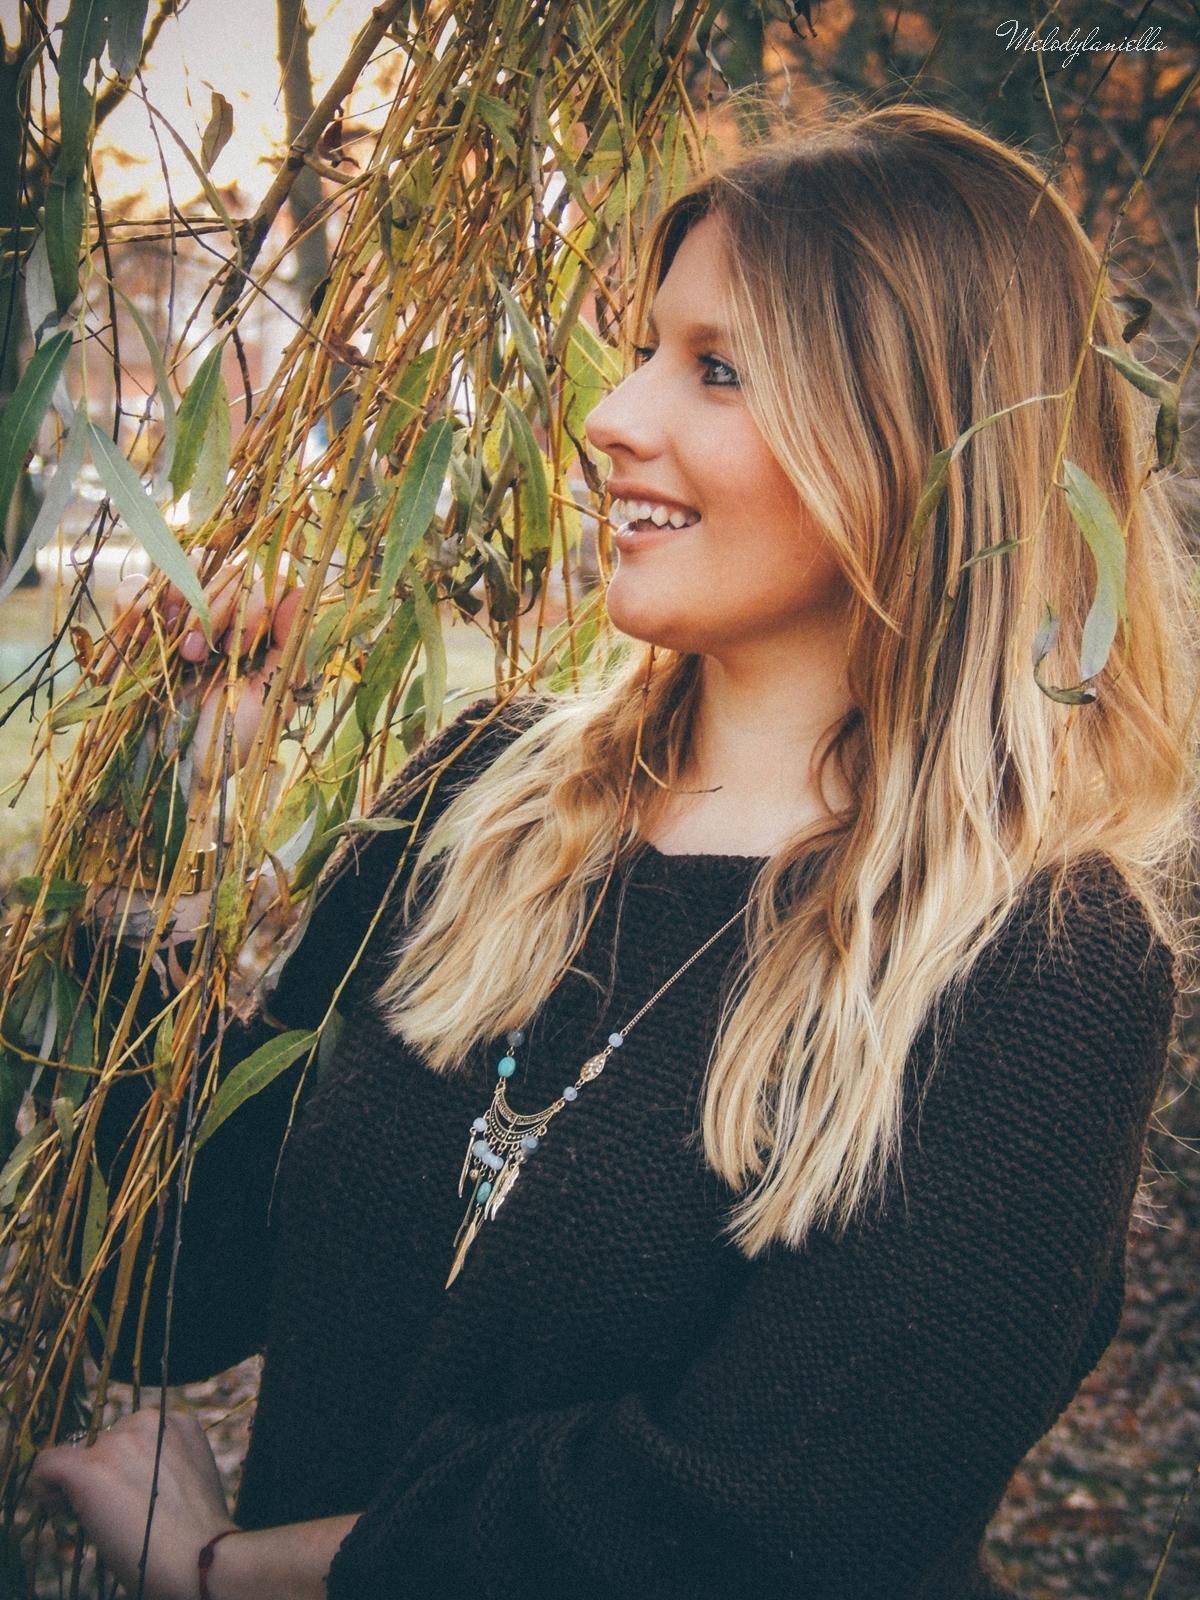 6. jesienna stylizacja tutu tiulowa spódnica dla dorosłych brązowy sweter torebka manzana melodylaniella autumn style fashion ciekawa stylizacja na jesień brązowa spódnica styl